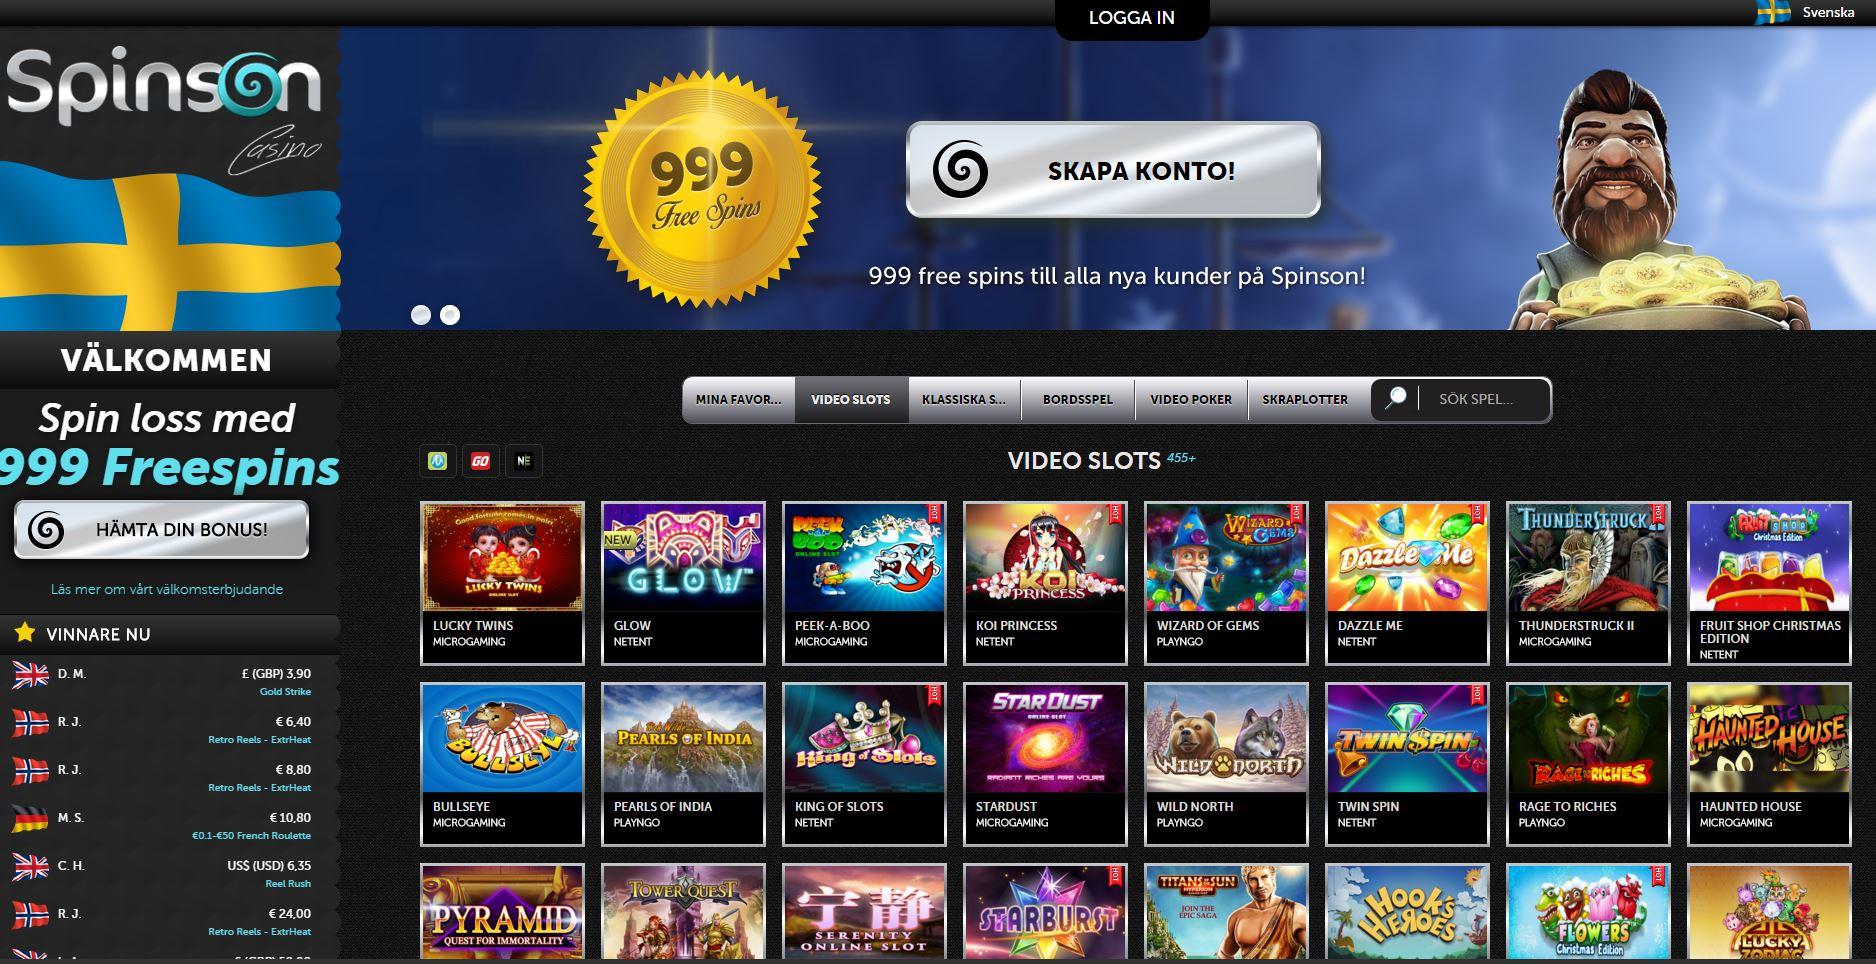 Spela med free spins hos Spinson casino